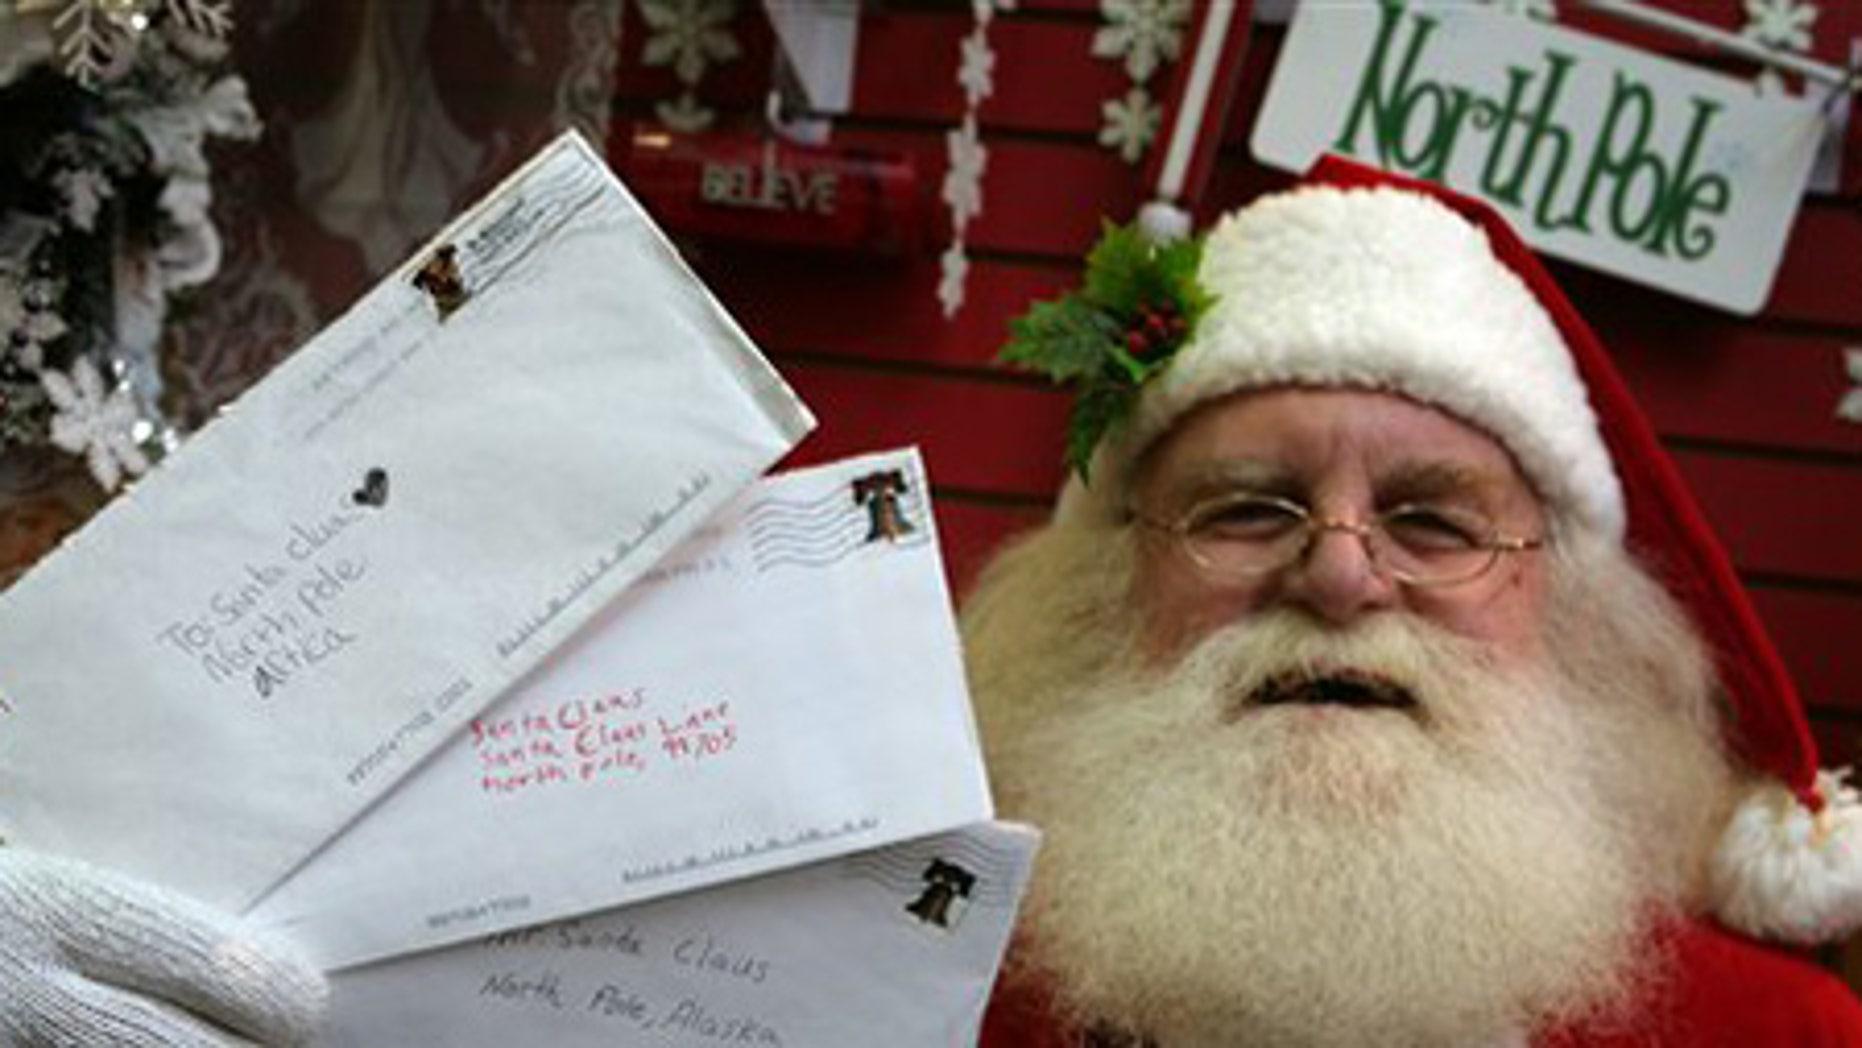 Nov. 18: Santa Claus at Santa Claus House in North Pole, Alaska.